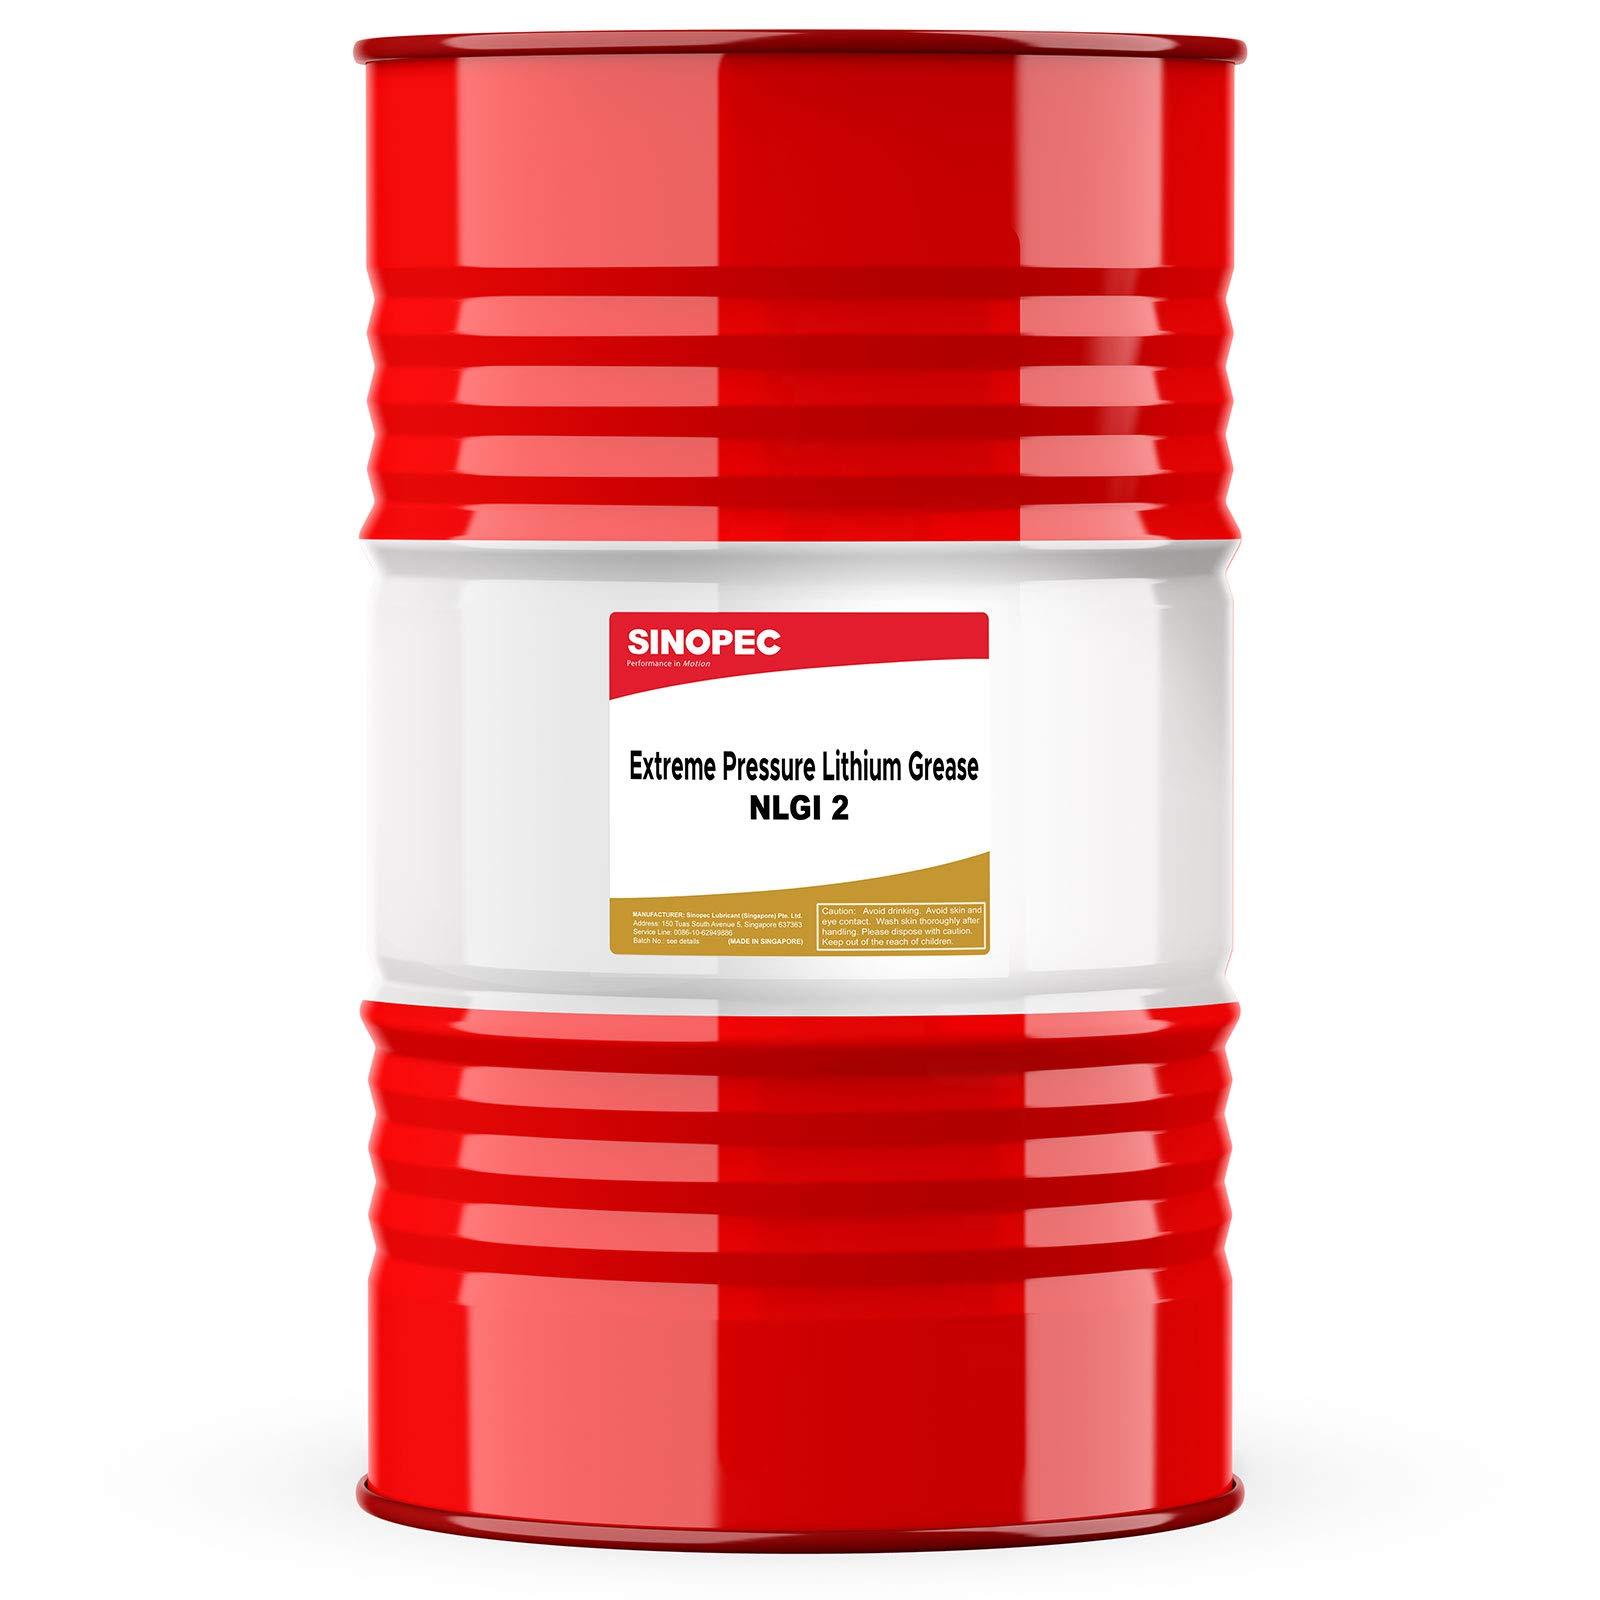 Sinopec (EP2) Extreme Pressure Multipurpose Lithium Grease, NLGI 2-400LB. (55 Gallon) Drum